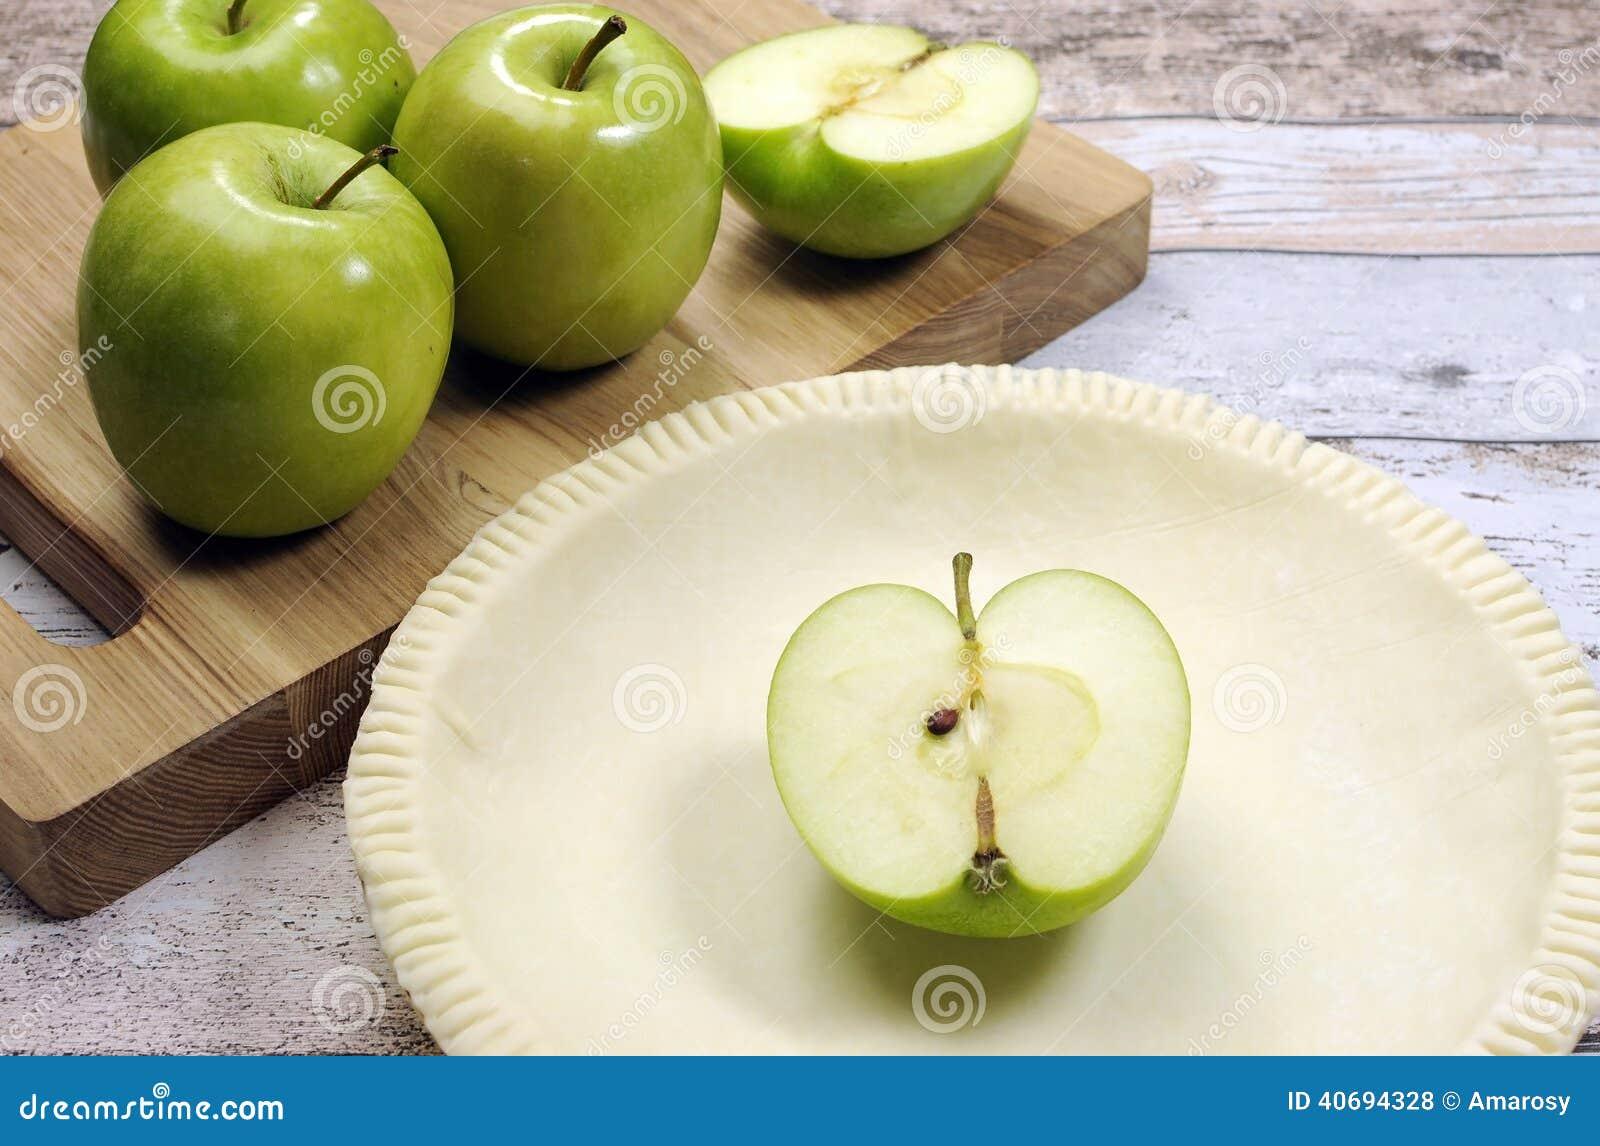 与一个空的馅饼外皮酥皮点心外壳的假日欢乐烘烤用未加工的绿色苹果